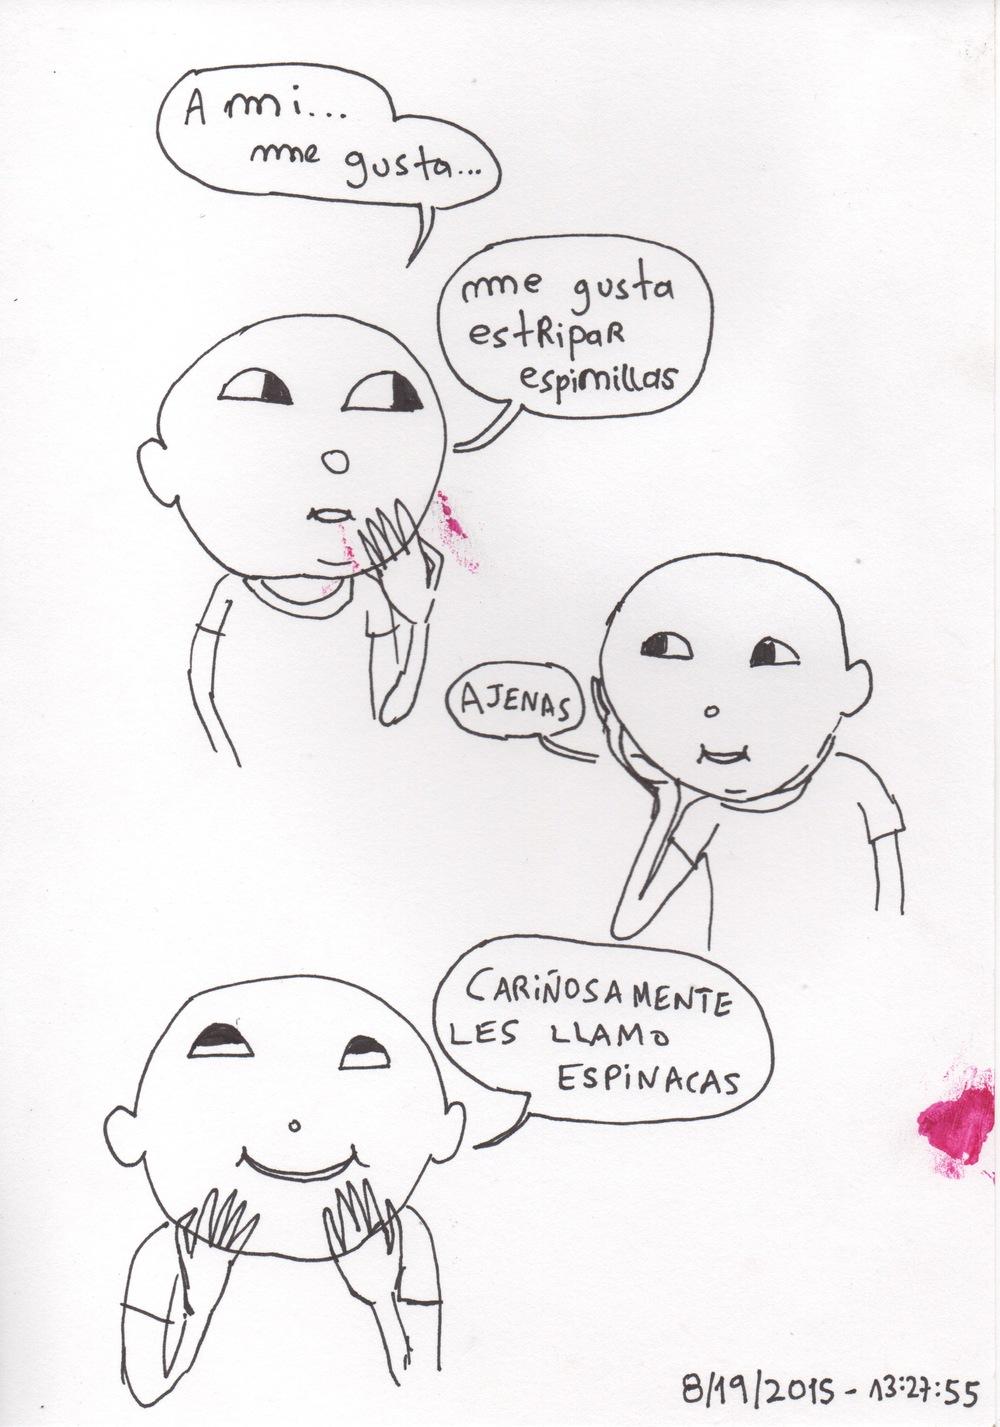 Globo_Mariana Gil_02.jpeg